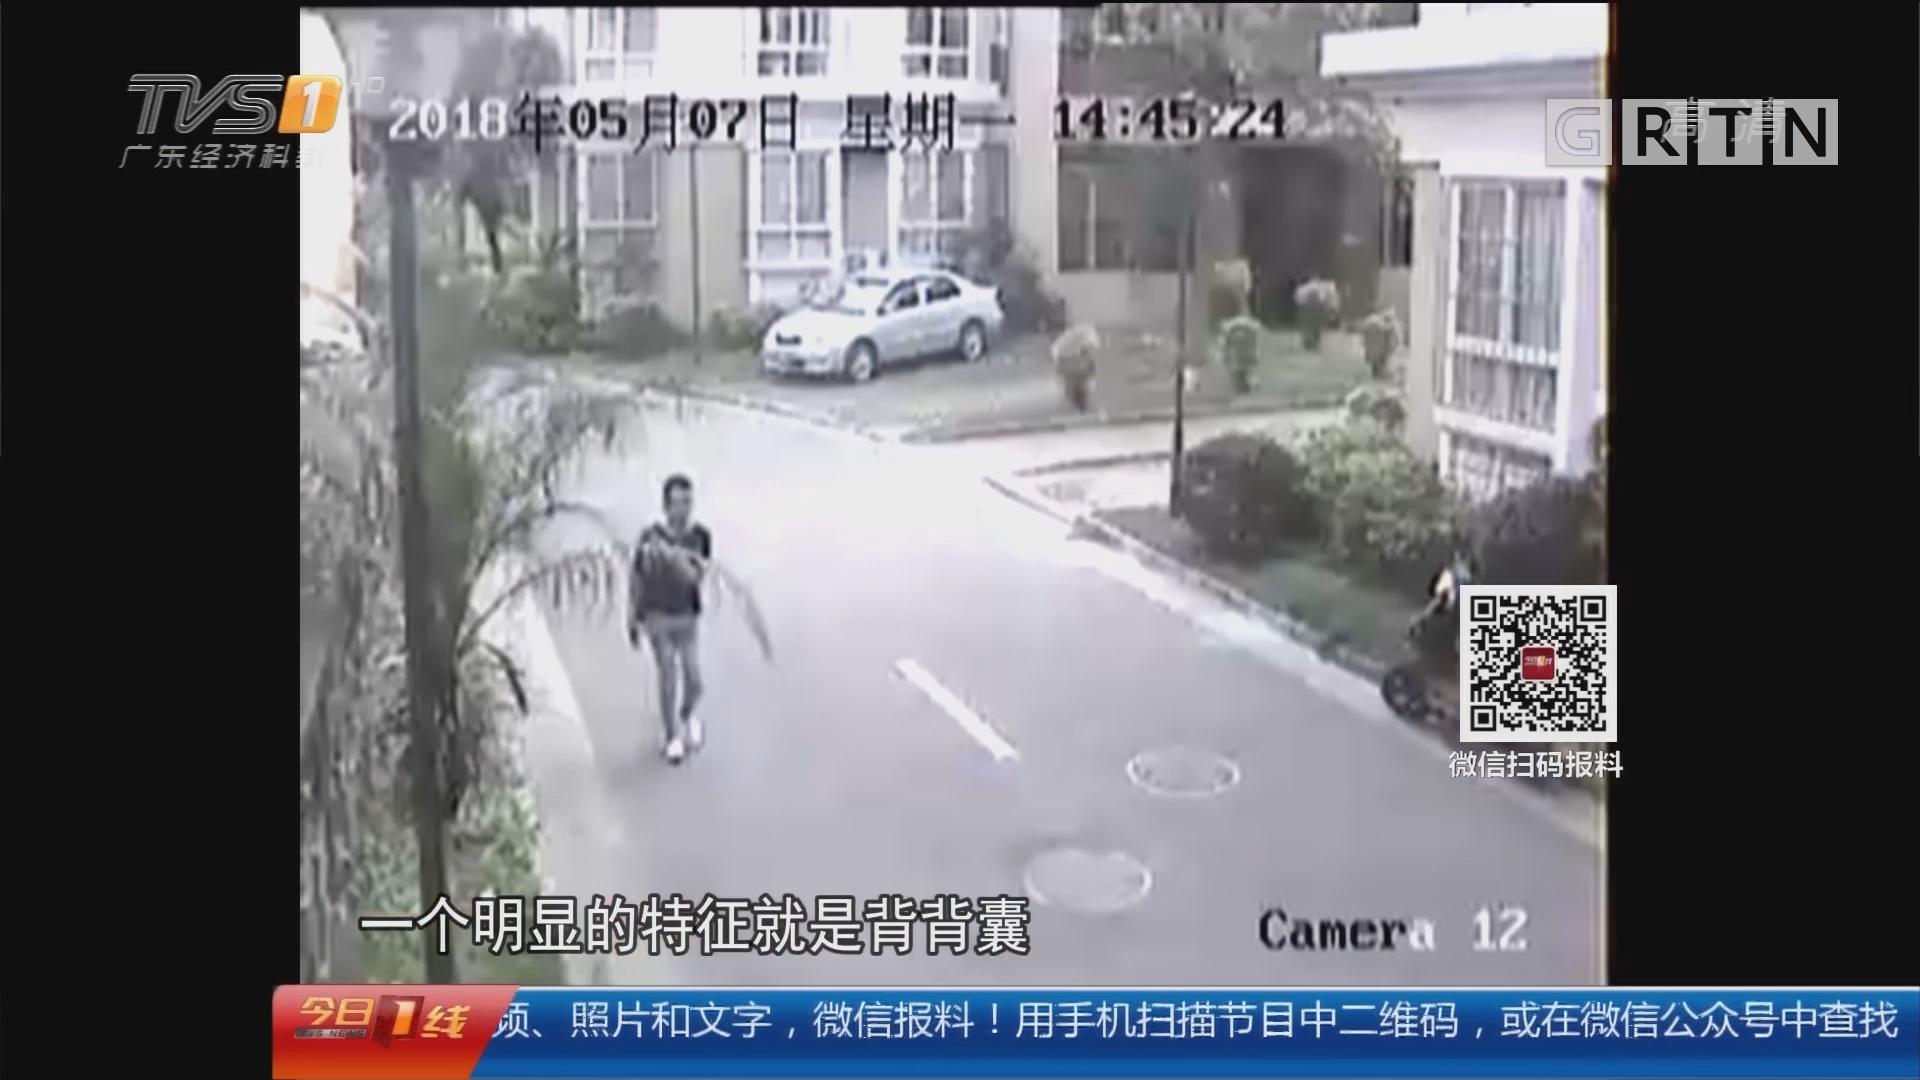 中山南朗:小偷锯开窗户入室盗窃 警方布控抓捕